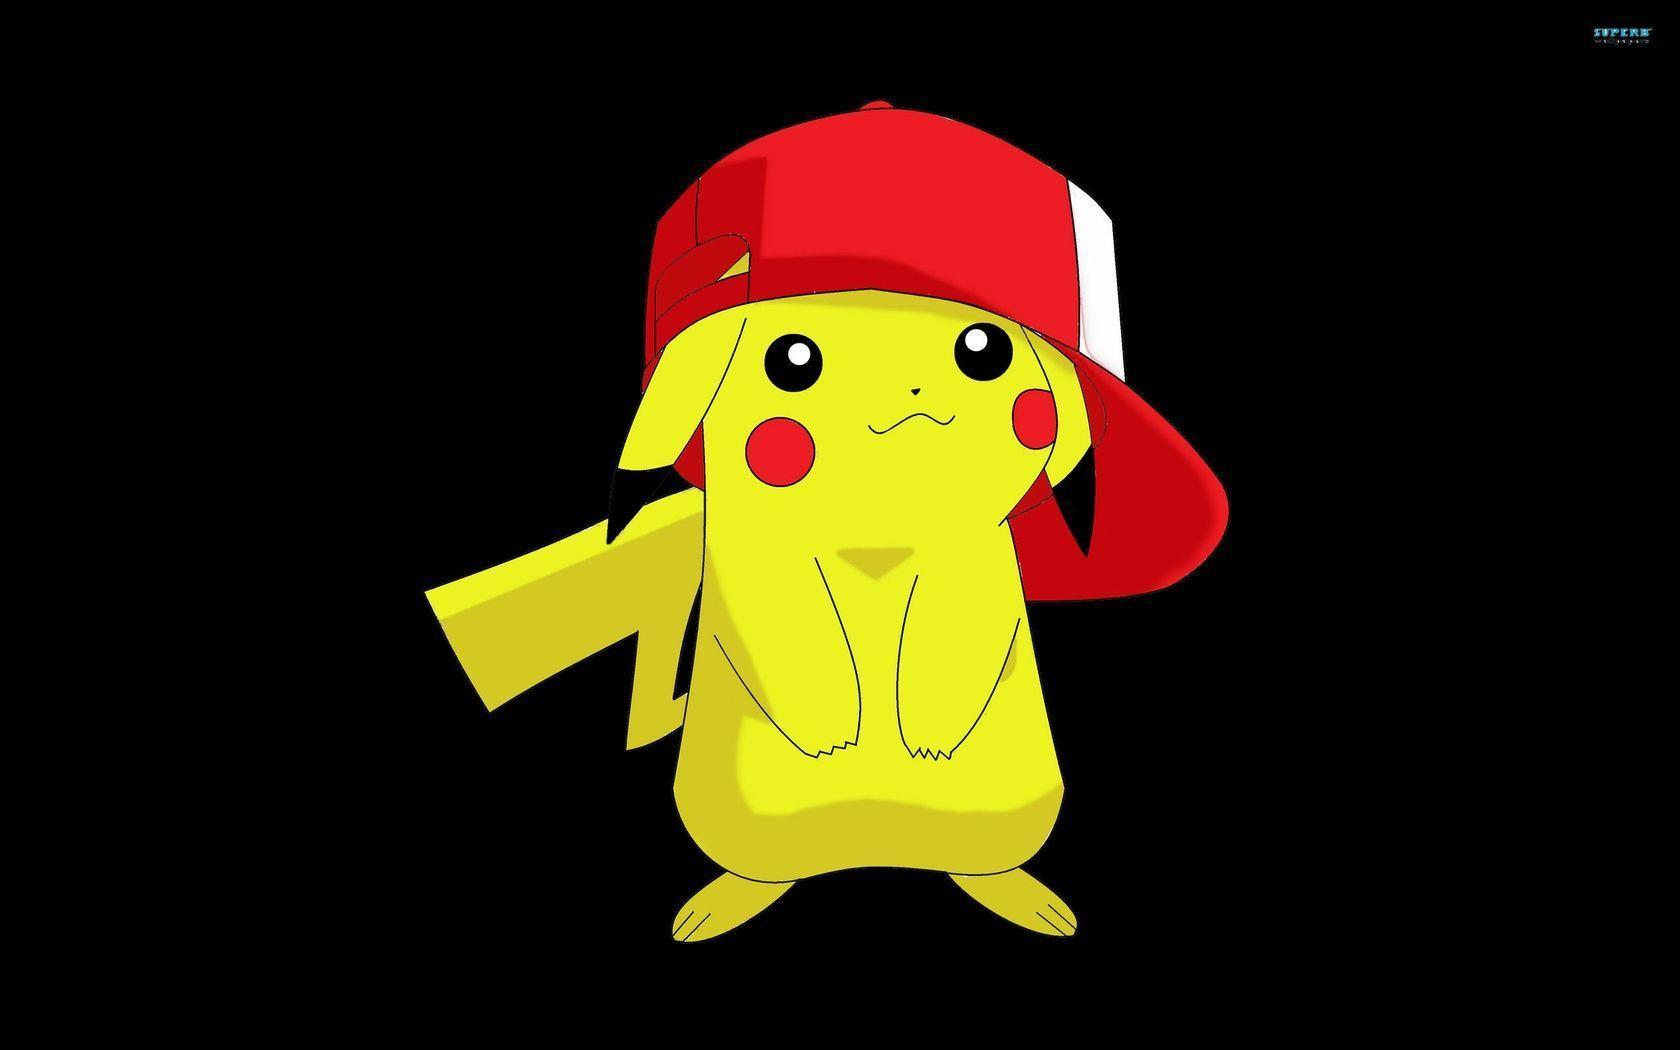 Pokemon Pikachu Wallpa...